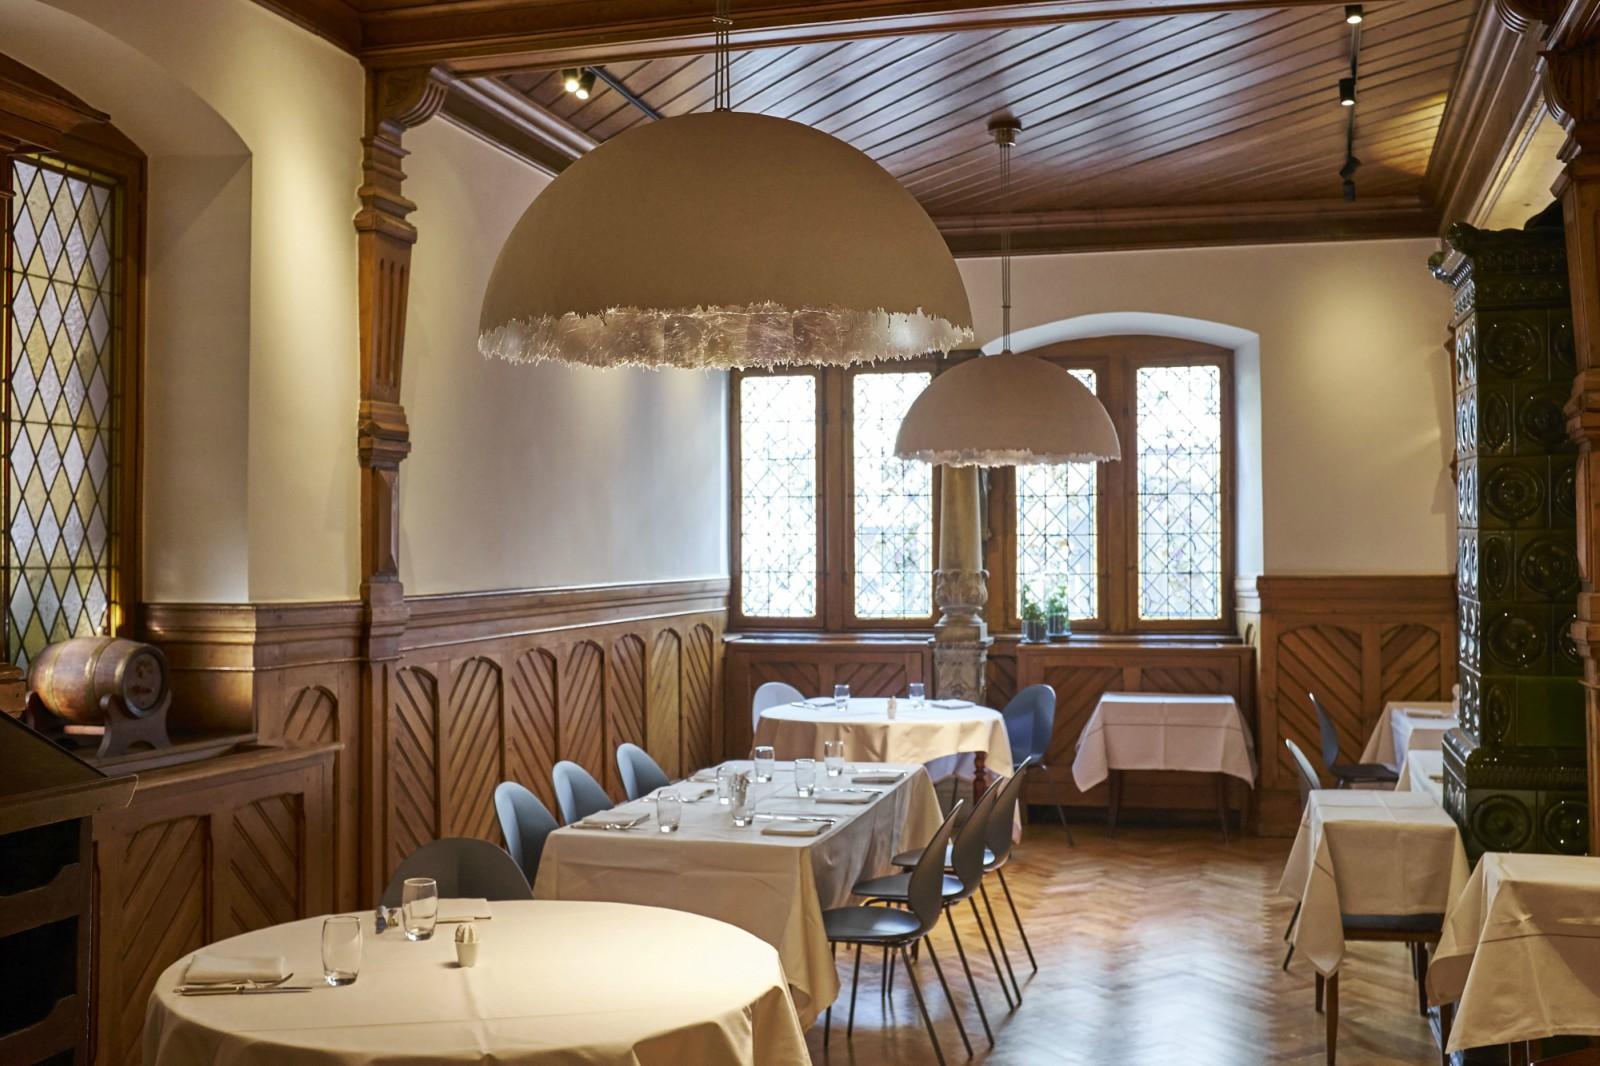 La maison des t tes historic restaurant colmar - Tete de lit delamaison ...